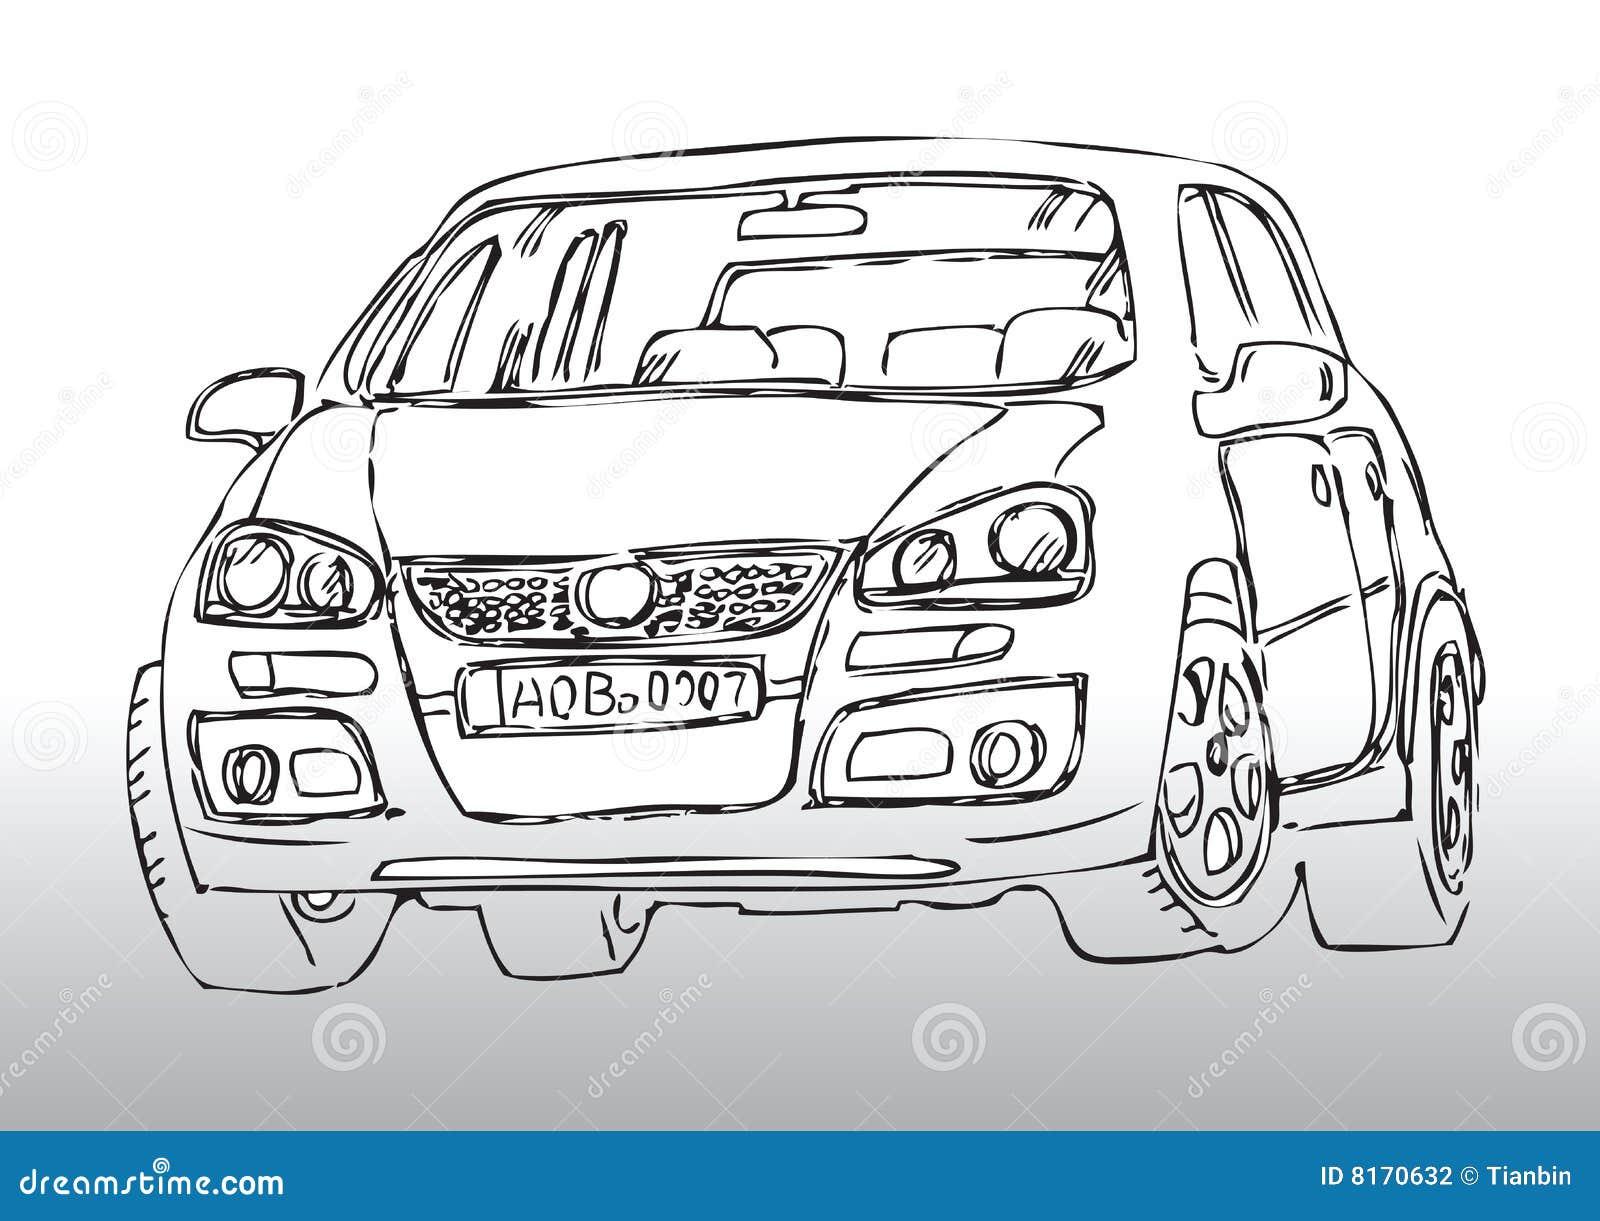 Schön Auto Skizziert Vorlagen Ideen - Beispiel Wiederaufnahme ...